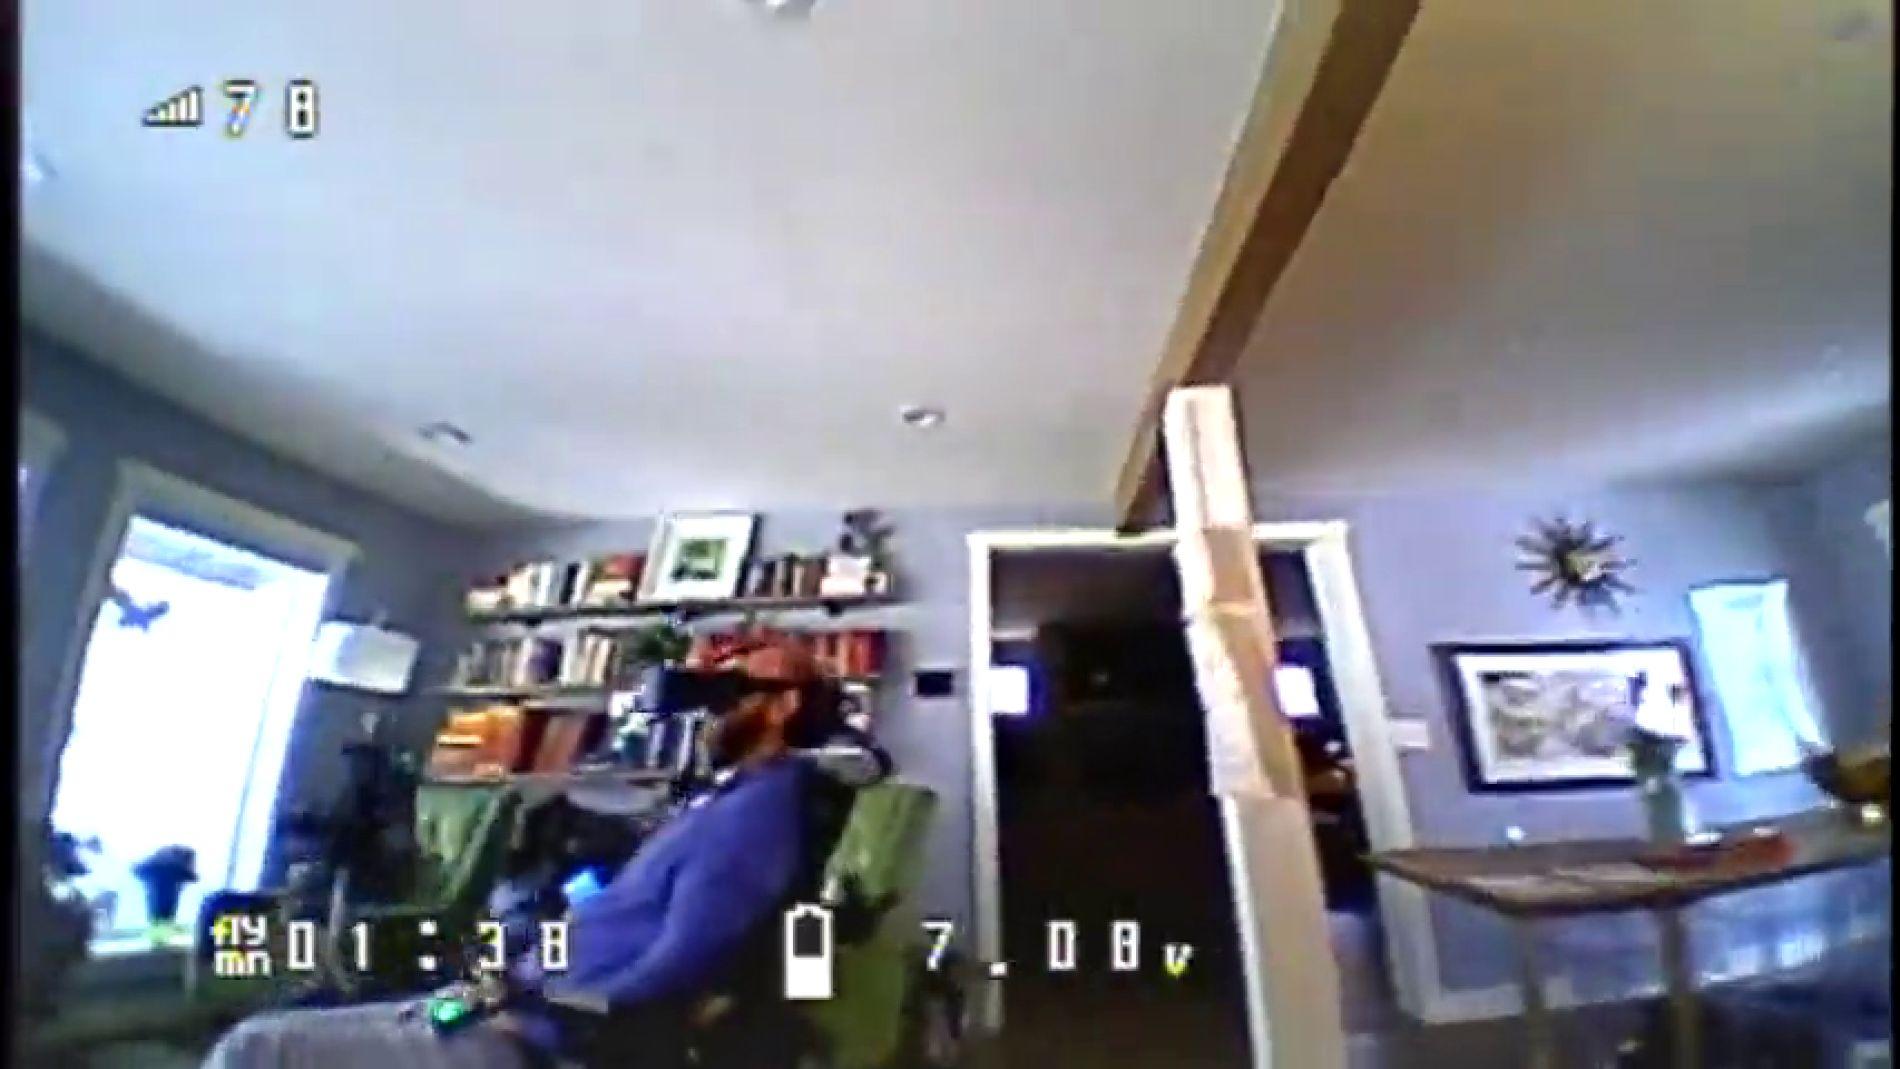 VÍDEO: El emotivo momento en el que un hombre con movilidad reducida descubre cómo es su casa gracias a un ingenioso truco